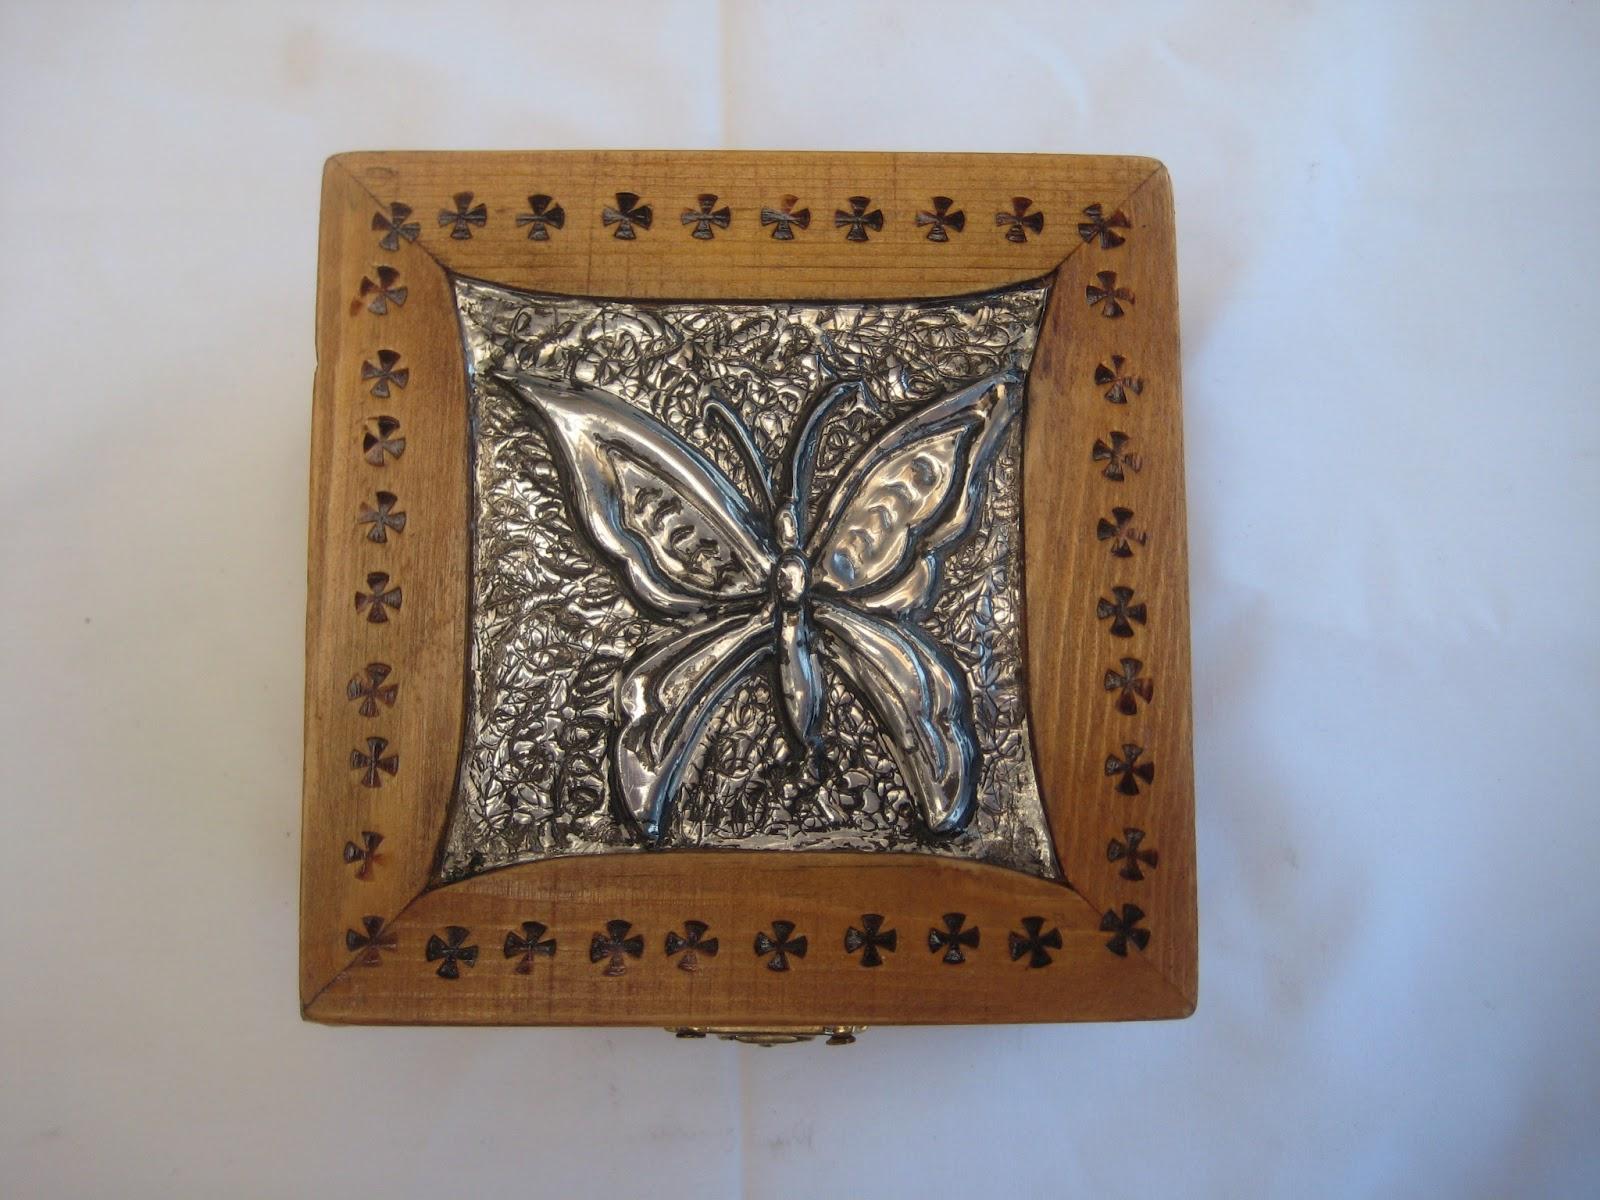 Mis trabajos de manualidades retomando las manualidades - Trabajos manuales en madera ...